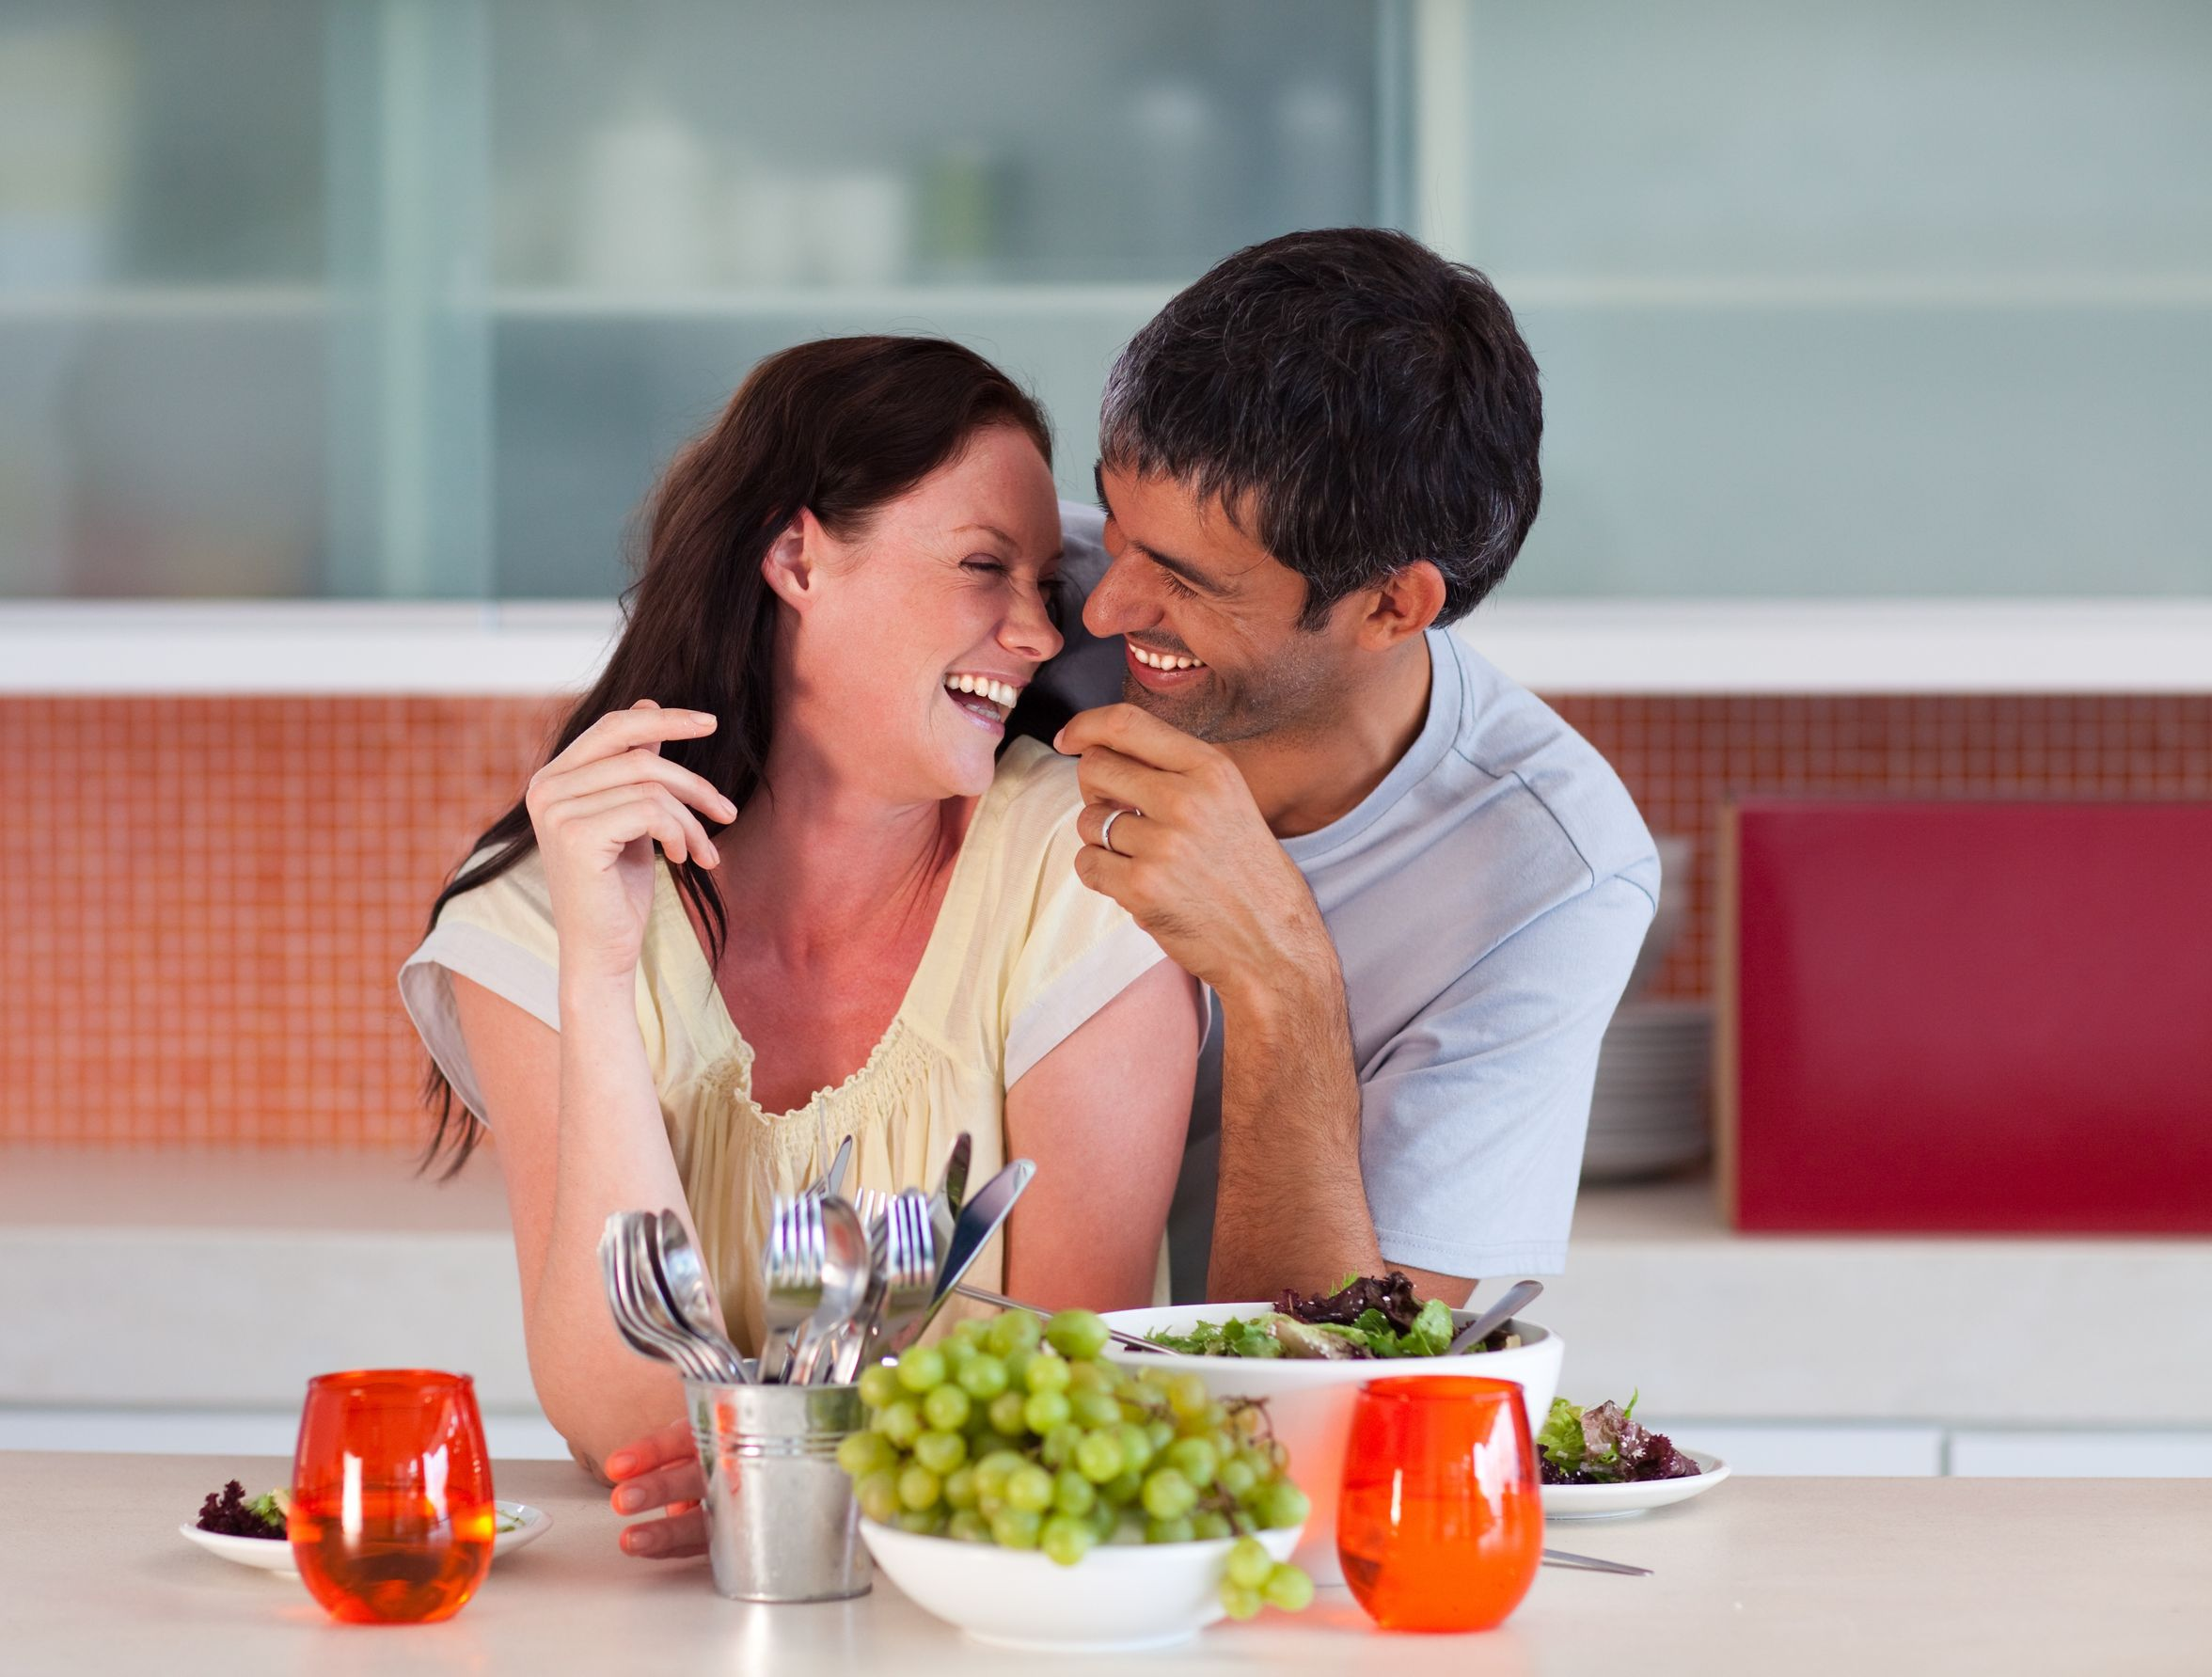 mangiare-insieme